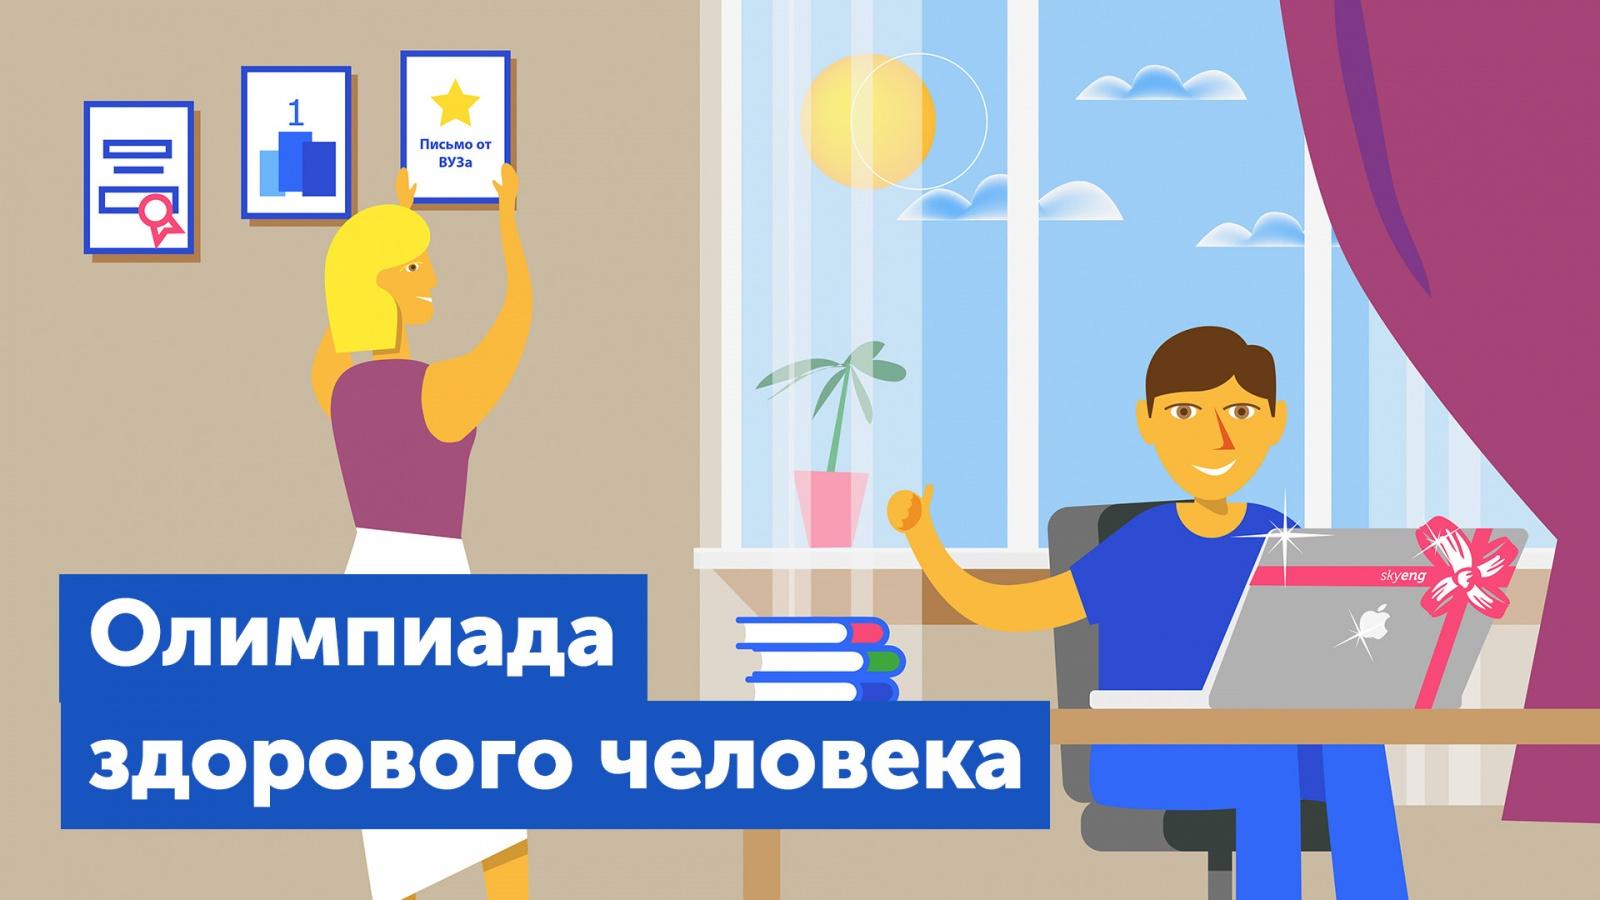 Как мы делаем всероссийскую онлайн-олимпиаду по английскому, математике и информатике - 1